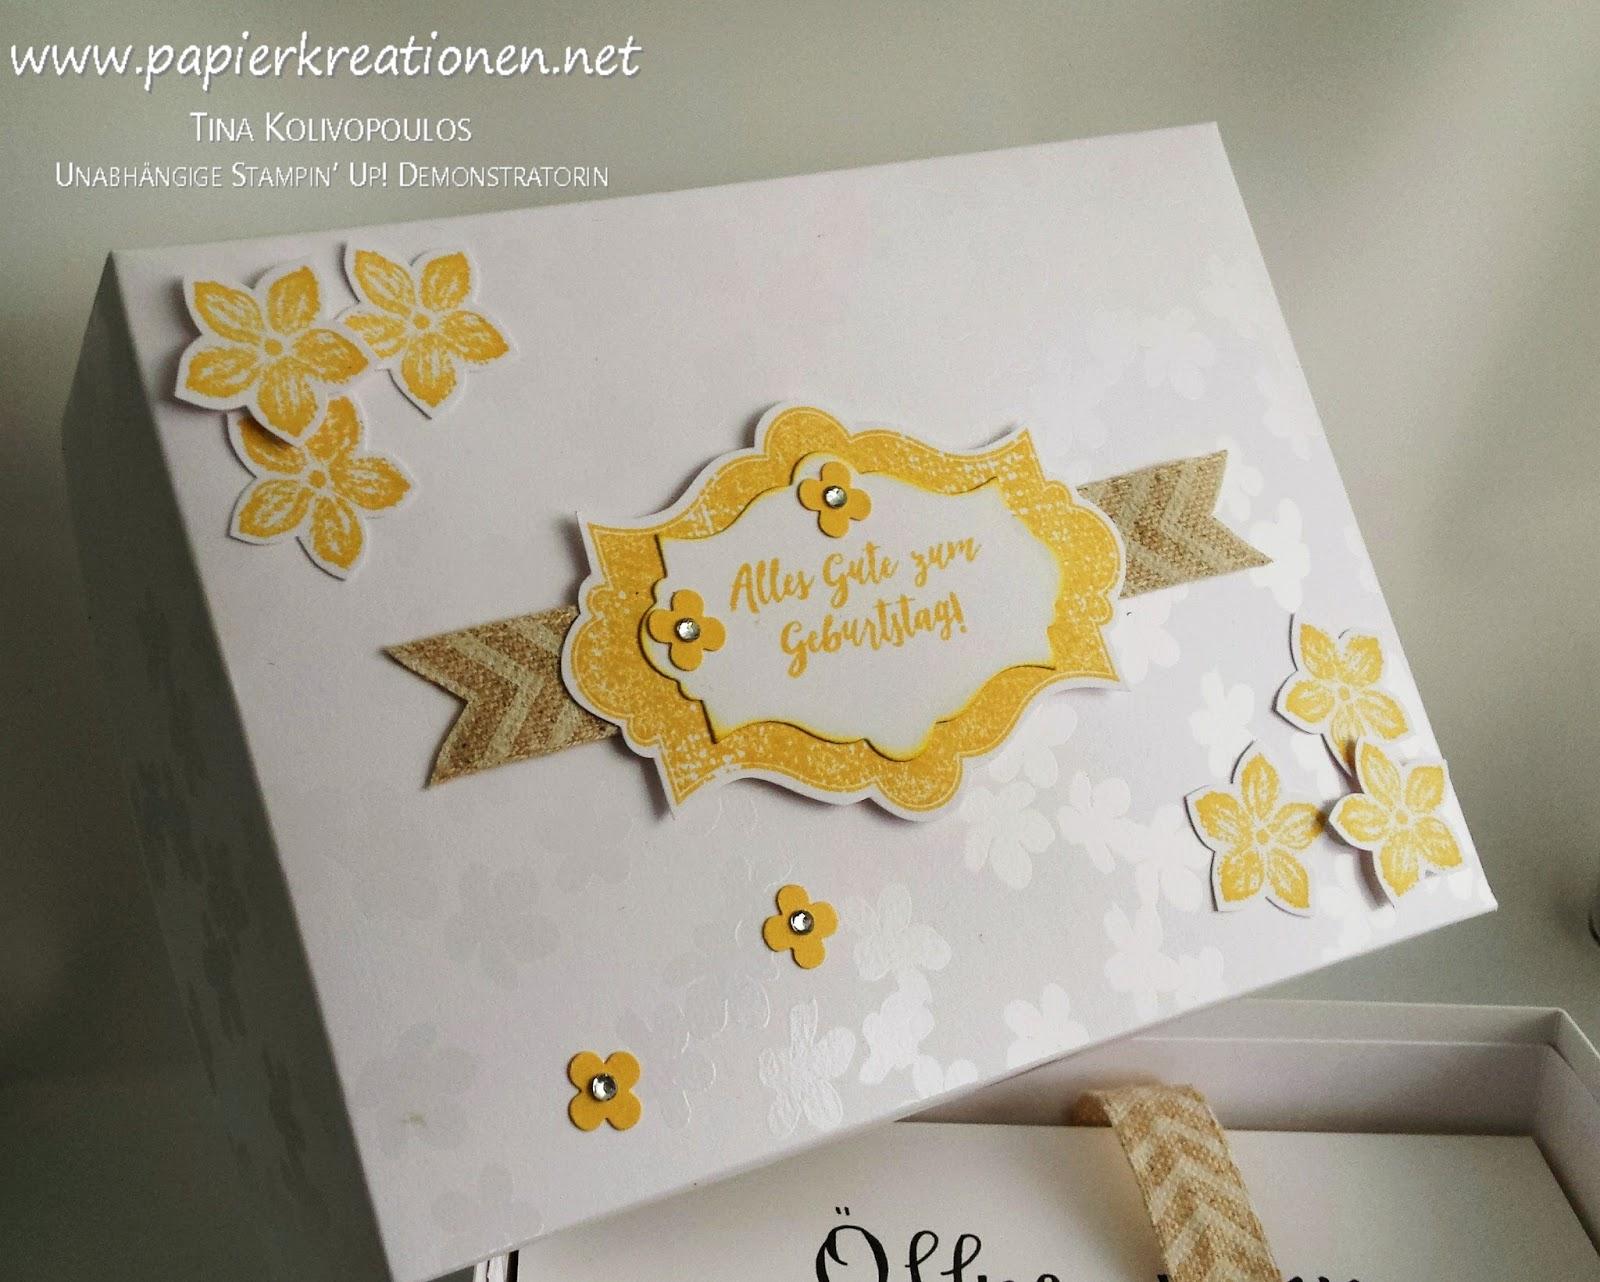 öffne Wenn Briefe Beispiele : Papierkreationen Öffne wenn briefe in einer